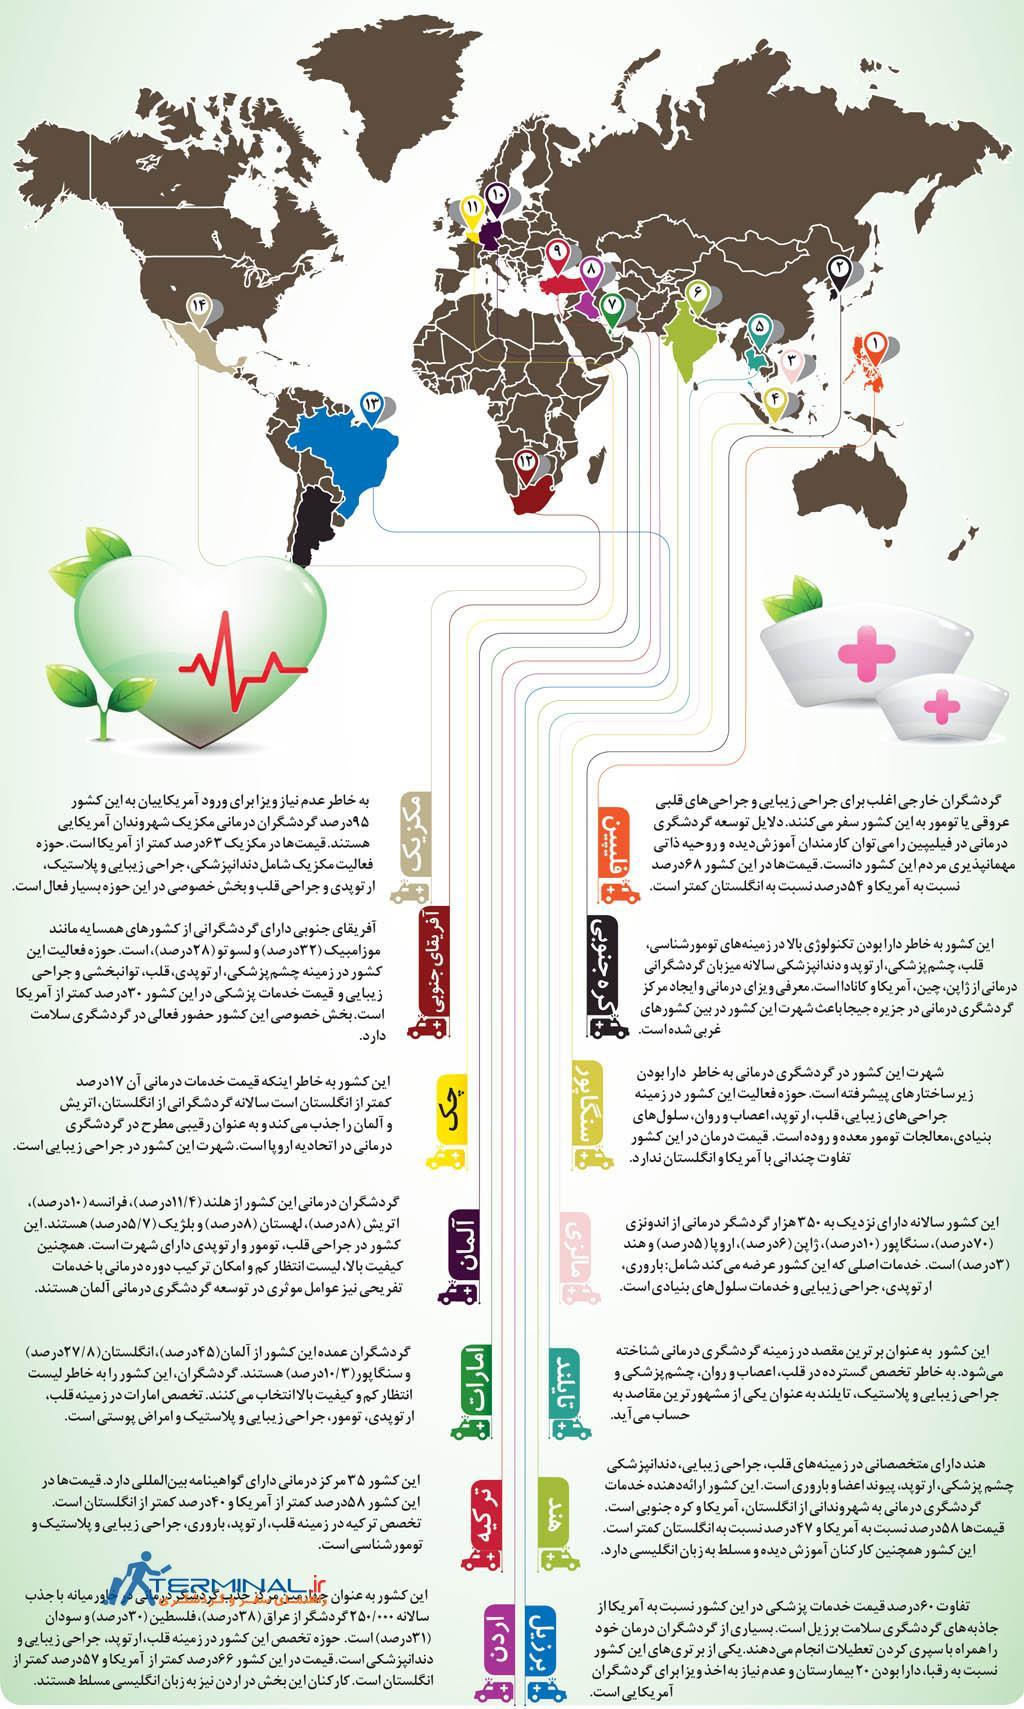 توریسم درمانی،درمان اقتصاد1